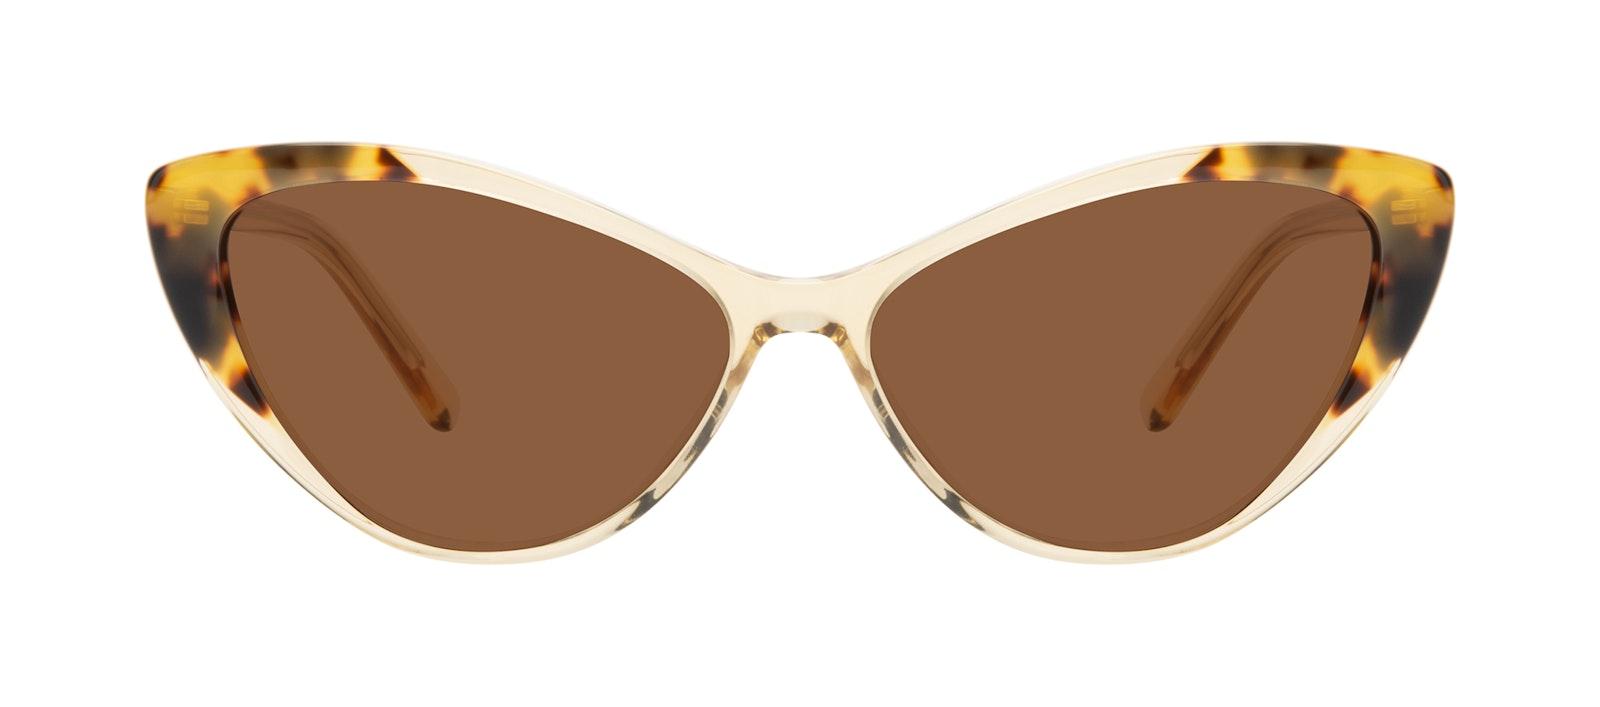 Affordable Fashion Glasses Cat Eye Sunglasses Women Gossamer Golden Tort Front